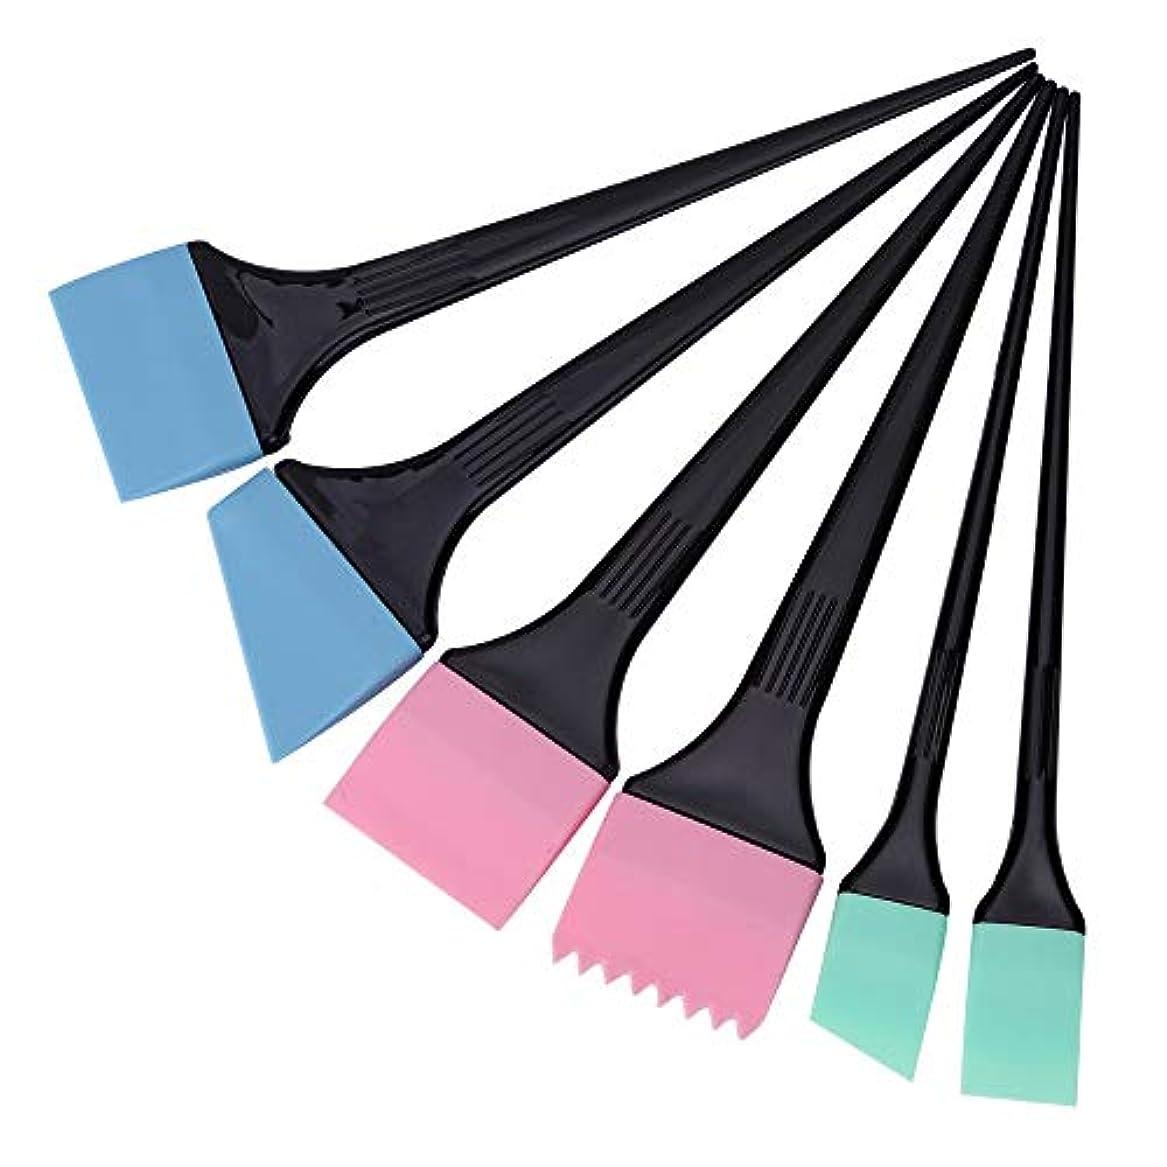 複雑アリ適応的ヘアダイコーム&ブラシ 毛染めブラシ 6本/セット 着色櫛キット プロサロン 理髪スタイリングツール へアカラーセット グリーン